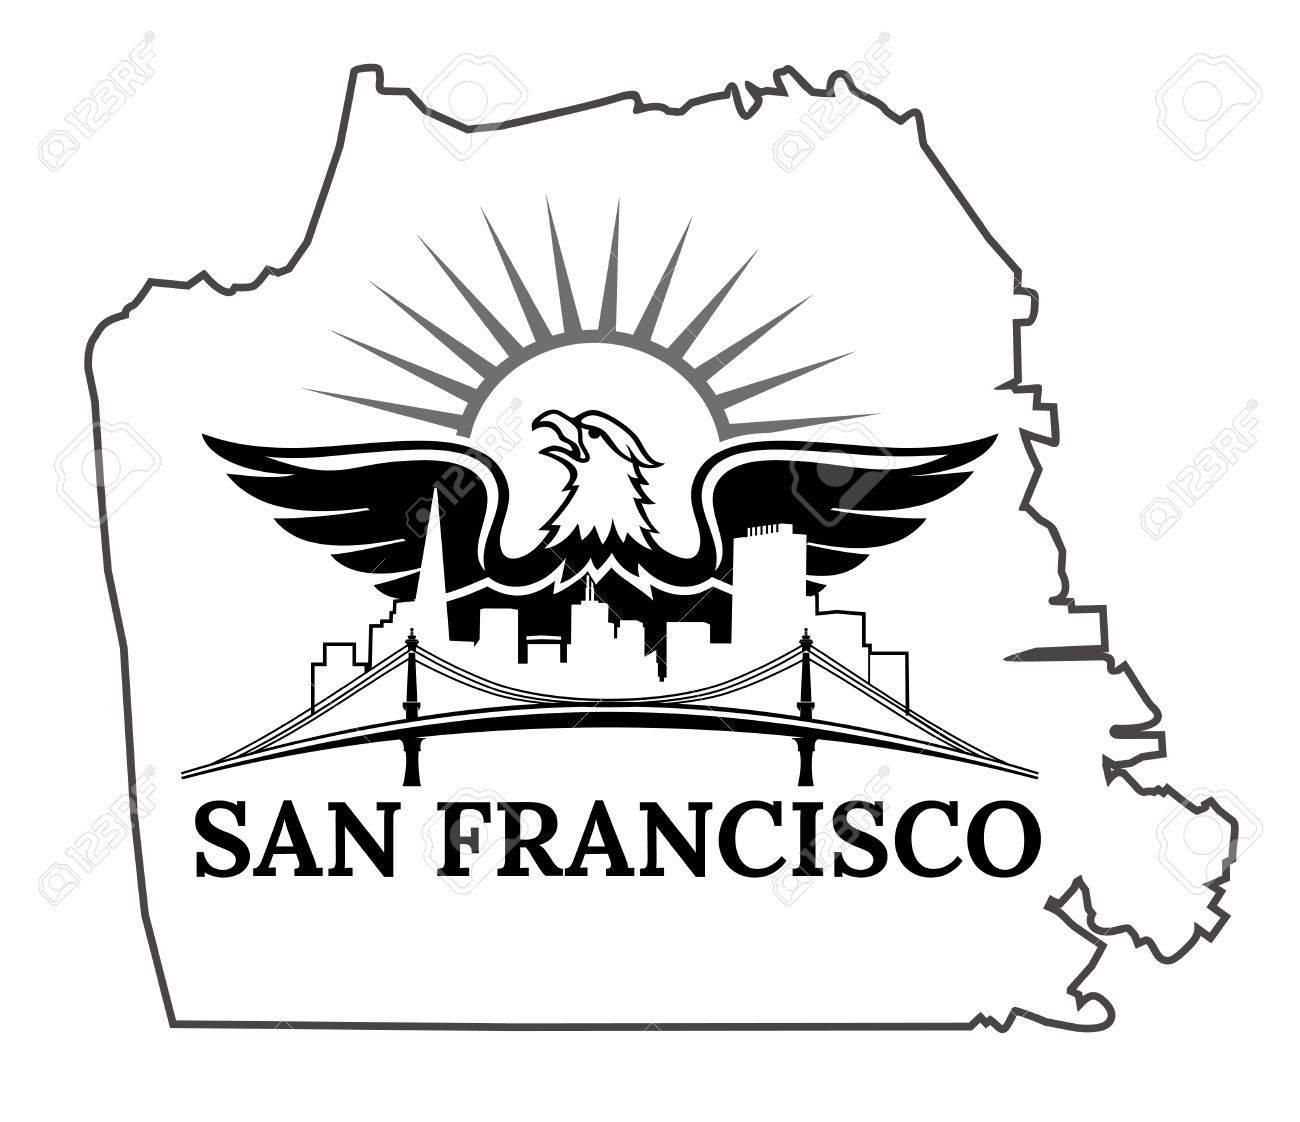 1300x1122 California. San Francisco. Usa. Oakland Bay Bridge. San Francisco